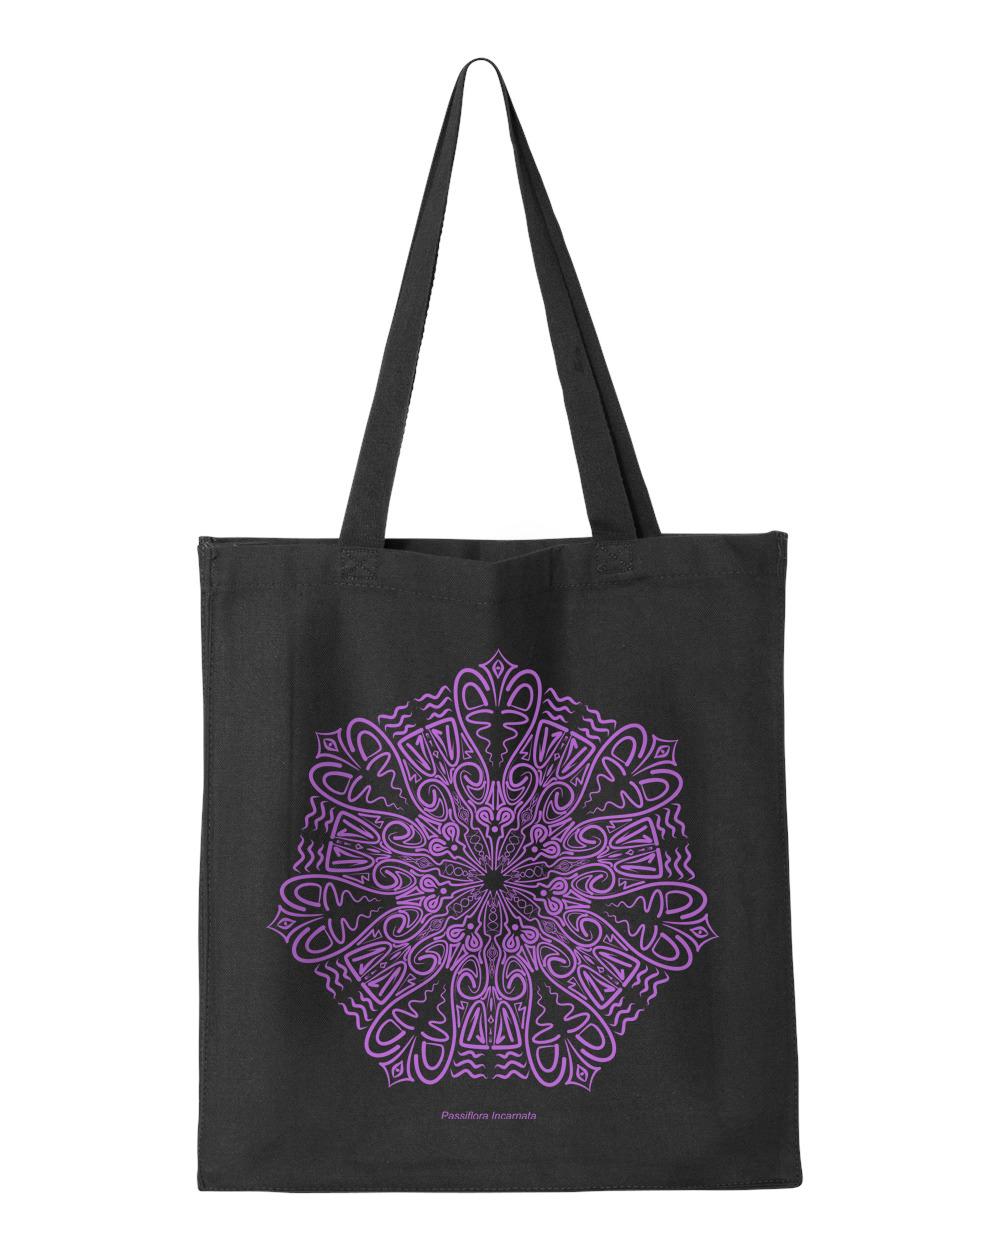 Passiflora Incarnata Tote Bag Ink Drop Designs Online Store